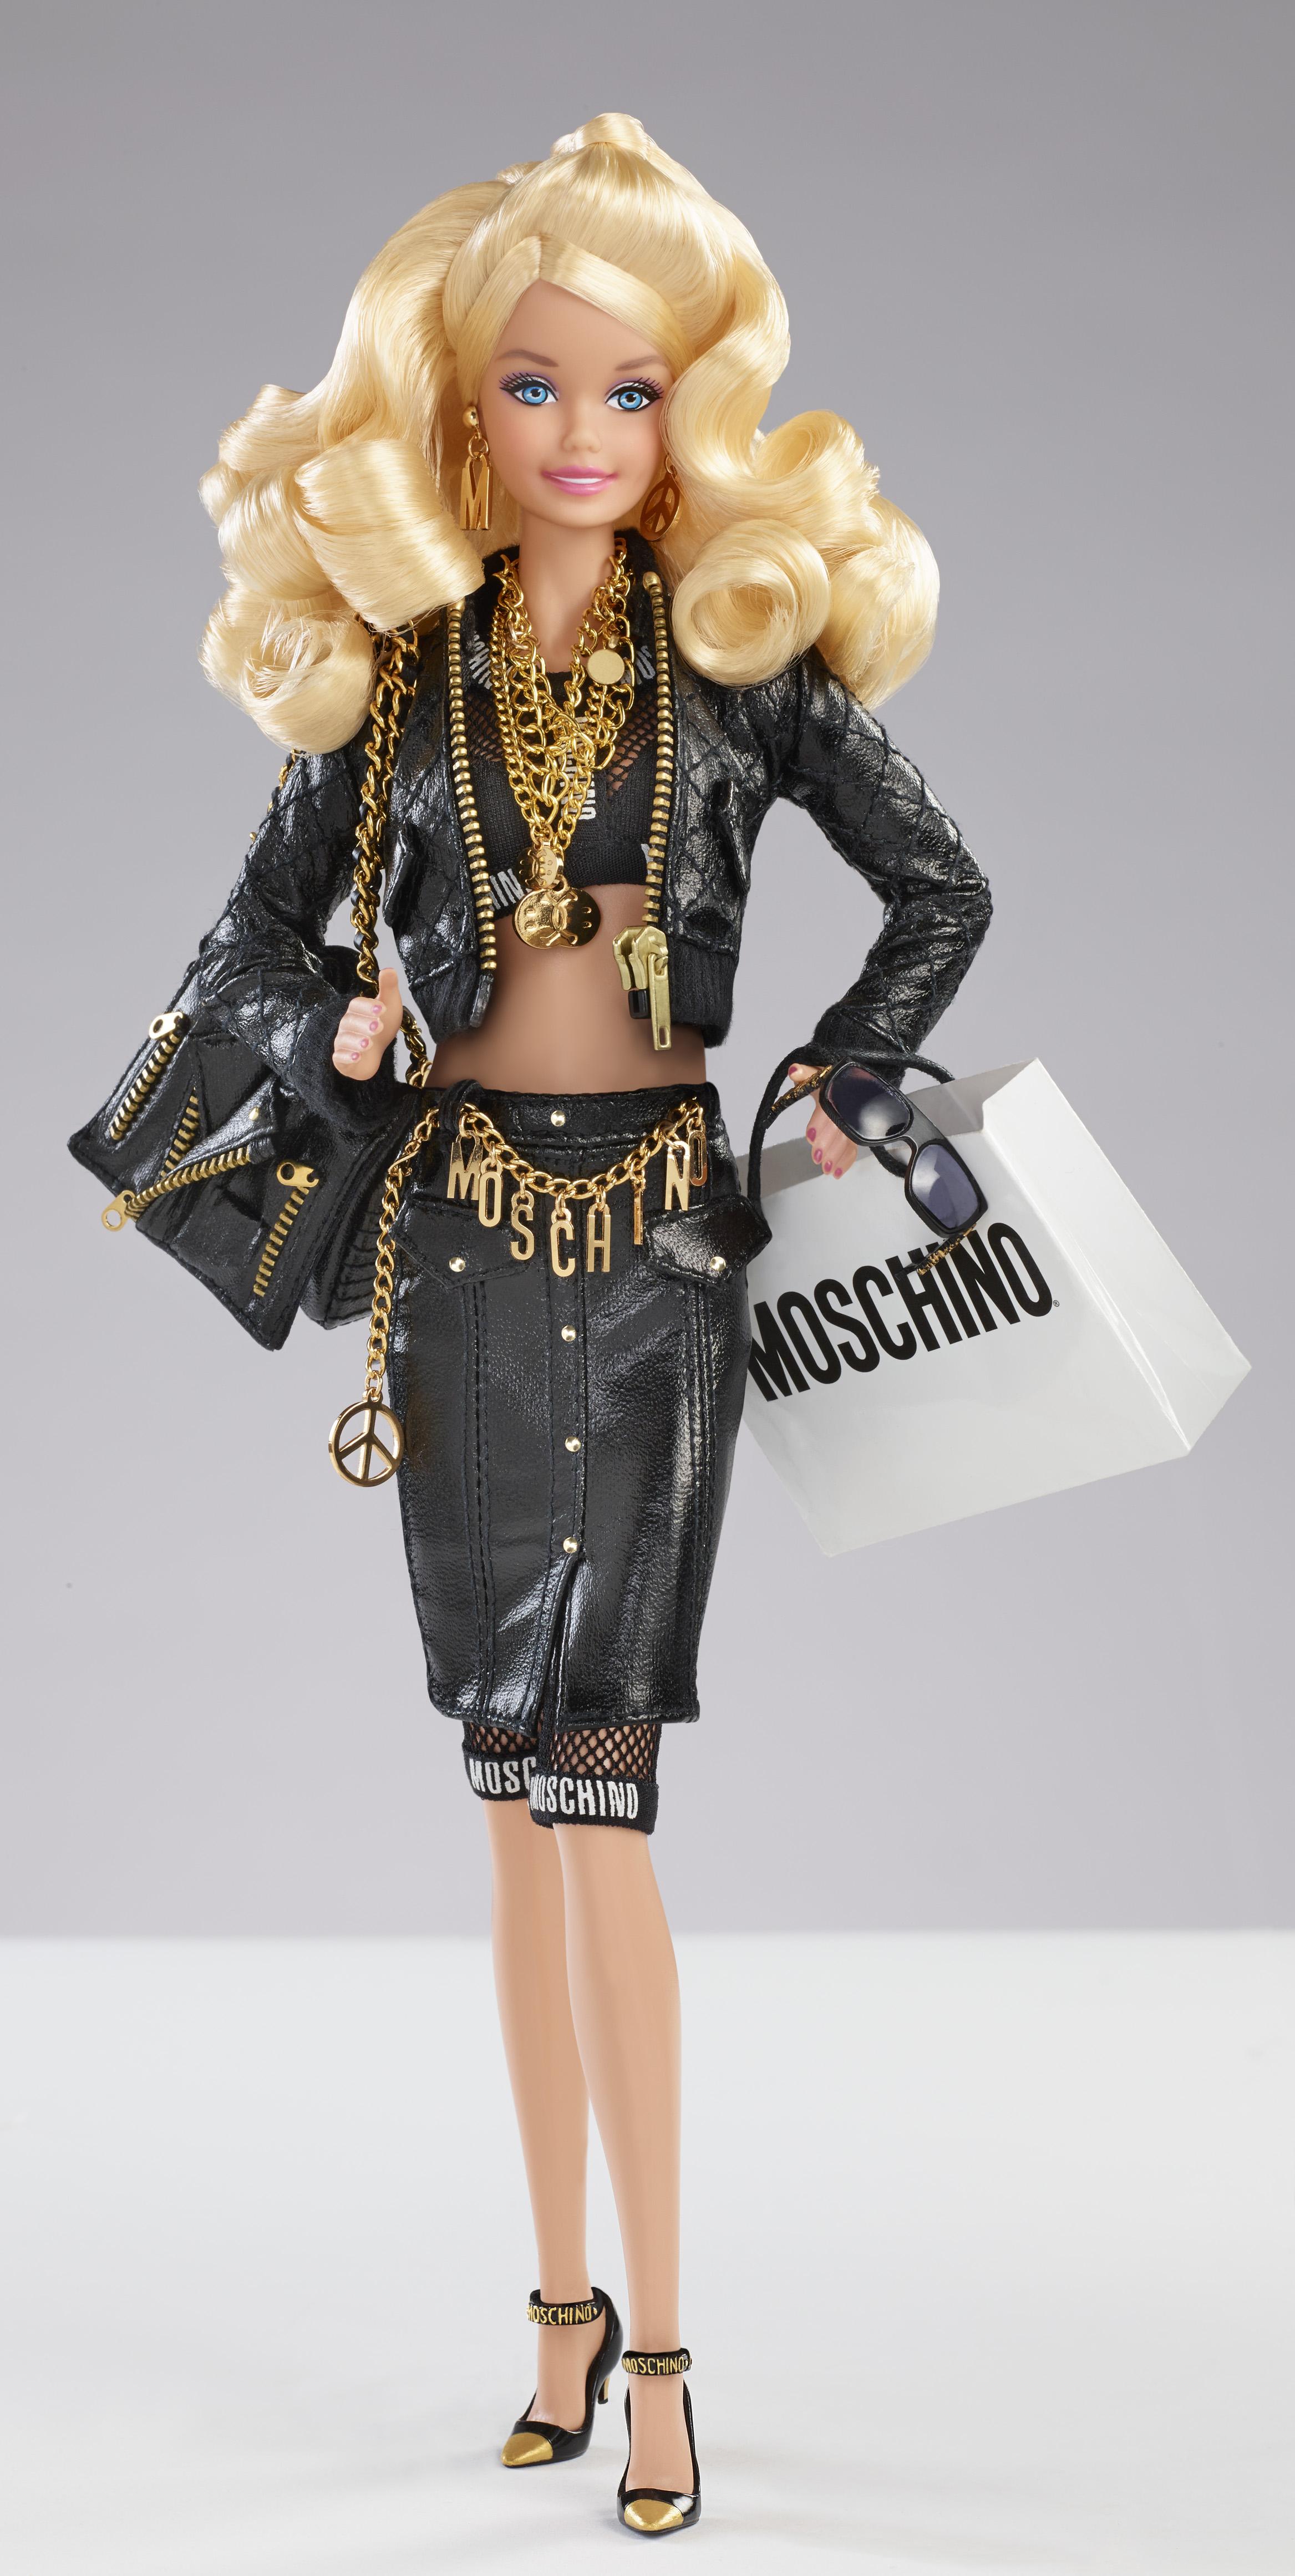 Barbie veste moschino due bambole e una capsule for Bambole barbie